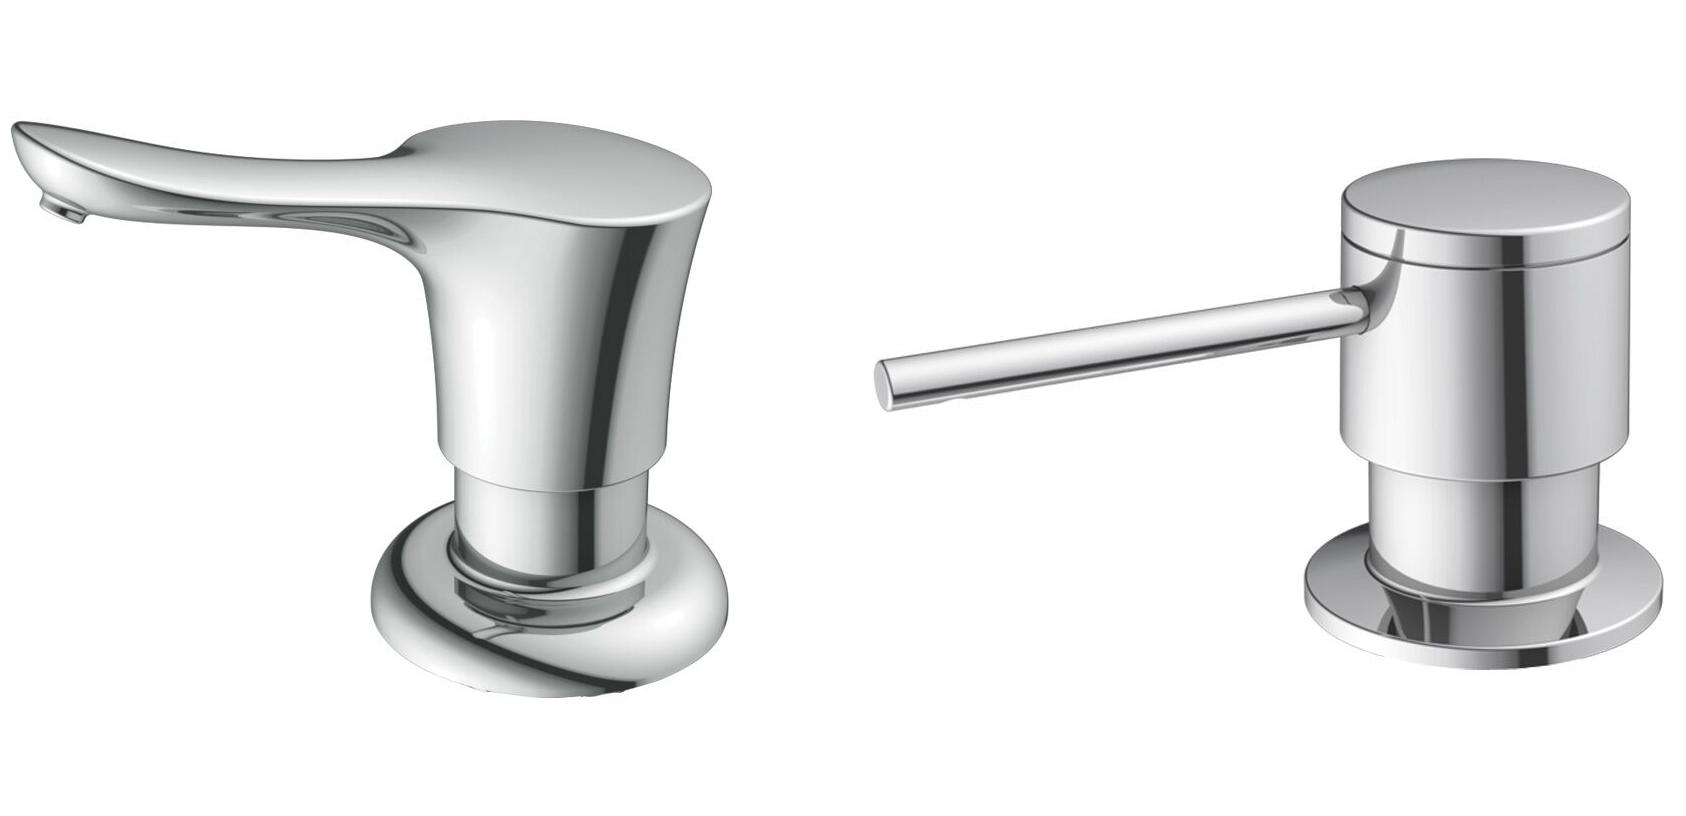 Decorative soap dispensers match faucet collection retrofit for Faucet and soap dispenser placement